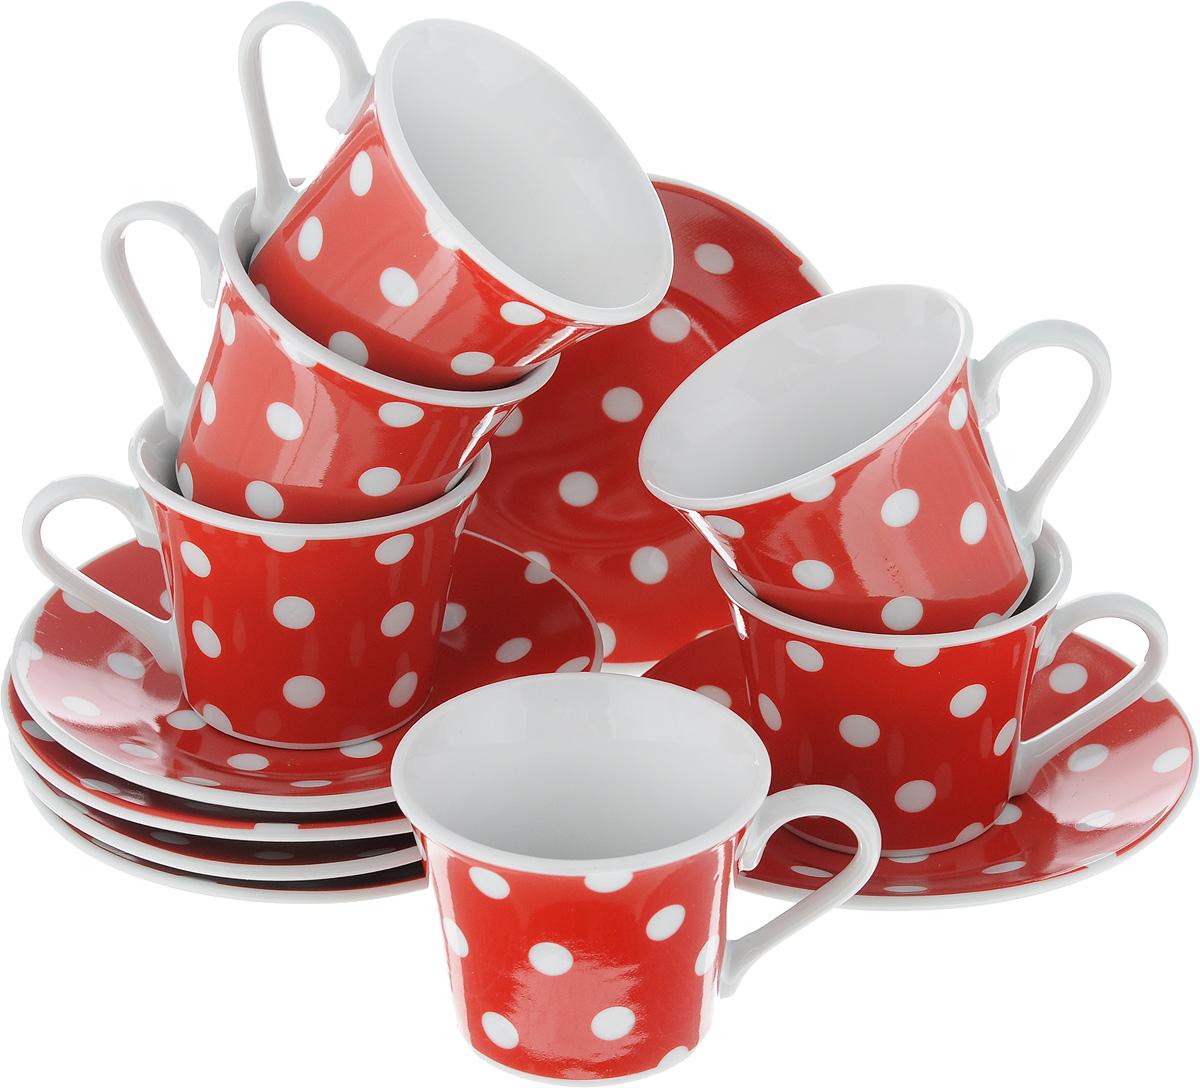 Набор кофейный Loraine Горох, 12 предметов4195Кофейный набор Loraine Горох состоит из 6 чашек и 6 блюдец. Изделия выполнены из высококачественного фарфора, имеют яркий дизайн и классическую круглую форму. Такой набор прекрасно подойдет как для повседневного использования, так и для праздников. Набор Loraine Горох - это не только яркий и полезный подарок для родных и близких, а также великолепное дизайнерское решение для вашей кухни или столовой. Набор упакован в подарочную коробку. Диаметр чашки (по верхнему краю): 6,2 см. Высота чашки: 5,2 см. Диаметр блюдца (по верхнему краю): 11 см. Высота блюдца: 1,5 см. Объем чашки: 80 мл.